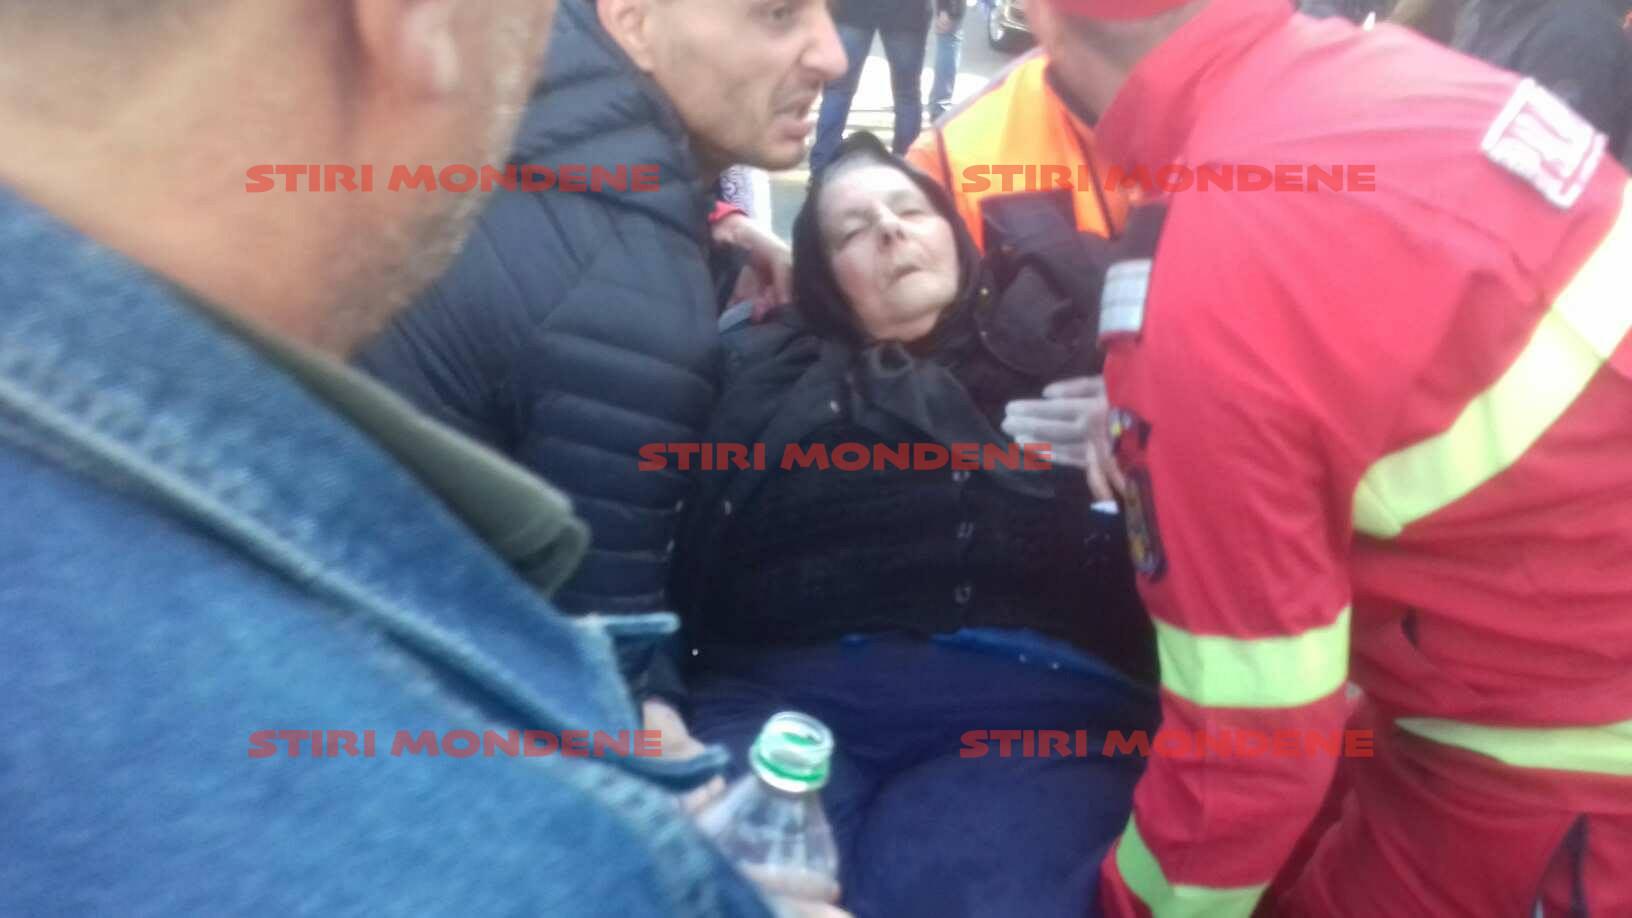 Mama lui Ilie Balaci a avut nevoie de intervenția SMURD pentru a treia oară